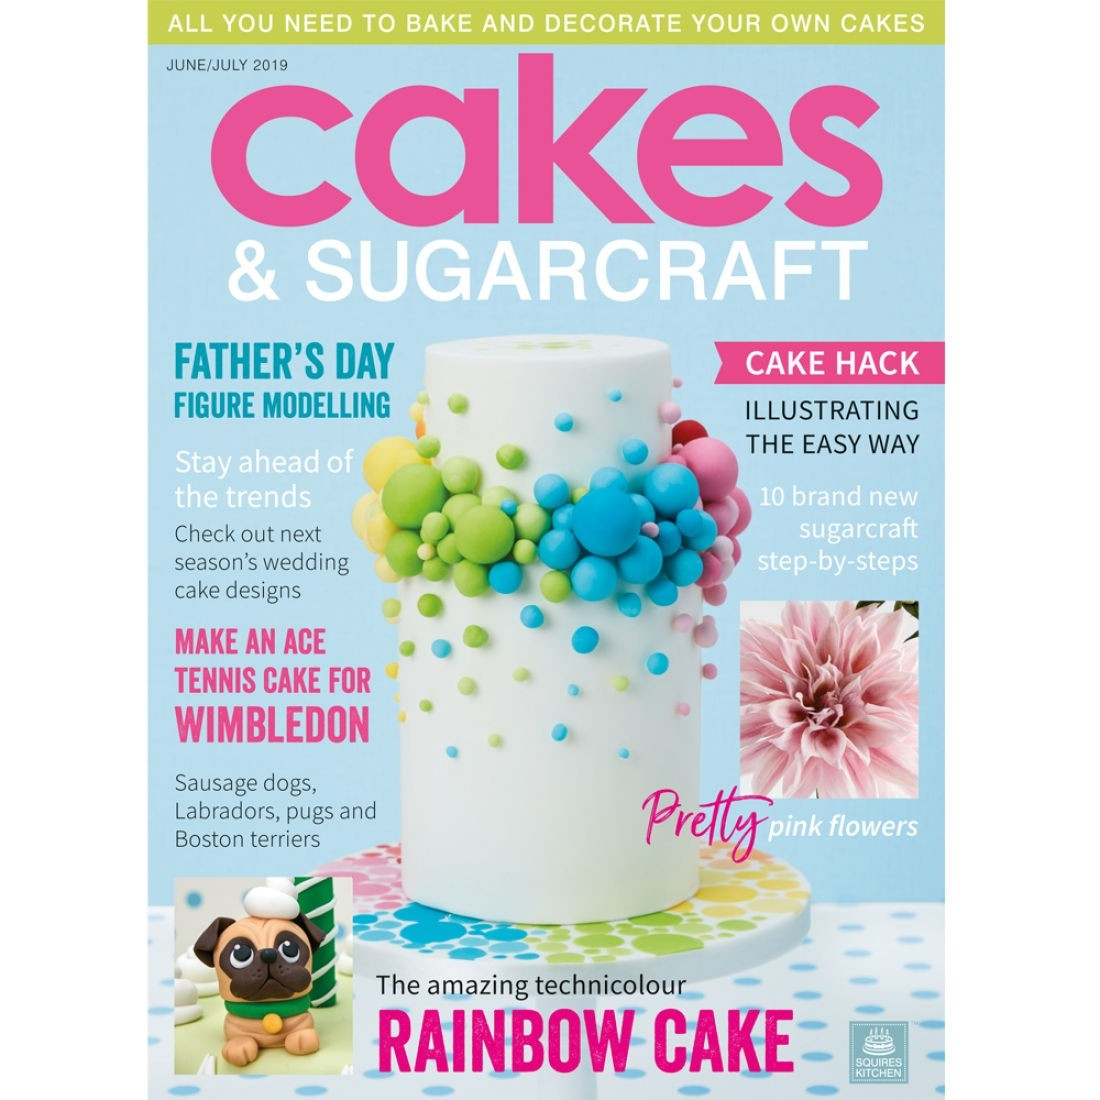 Cakes & Sugarcraft Magazine June/July 2019